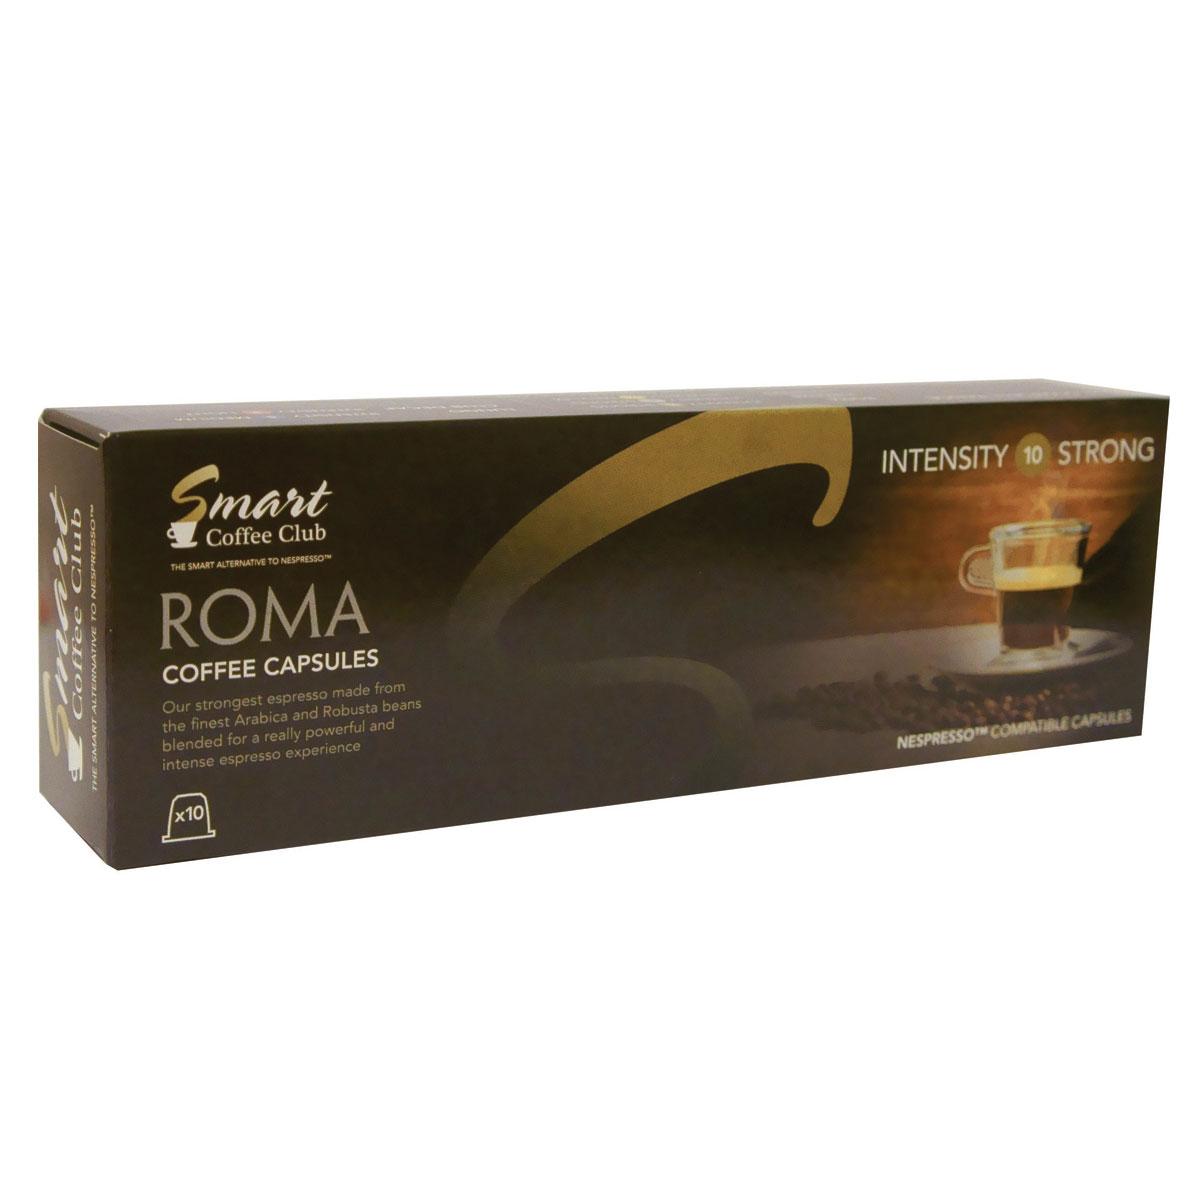 Smart Coffee Club Roma кофе в капсулах, 10 штук0120710Натуральный жареный молотый кофе в капсулах Smart Coffee Club Roma. Самая крепкая смесь, с использованием Арабики и Робусты из Центральной и Южной Америки. Идеальное начало дня для тех, кто любит крепкий, насыщенный, ароматный кофе.